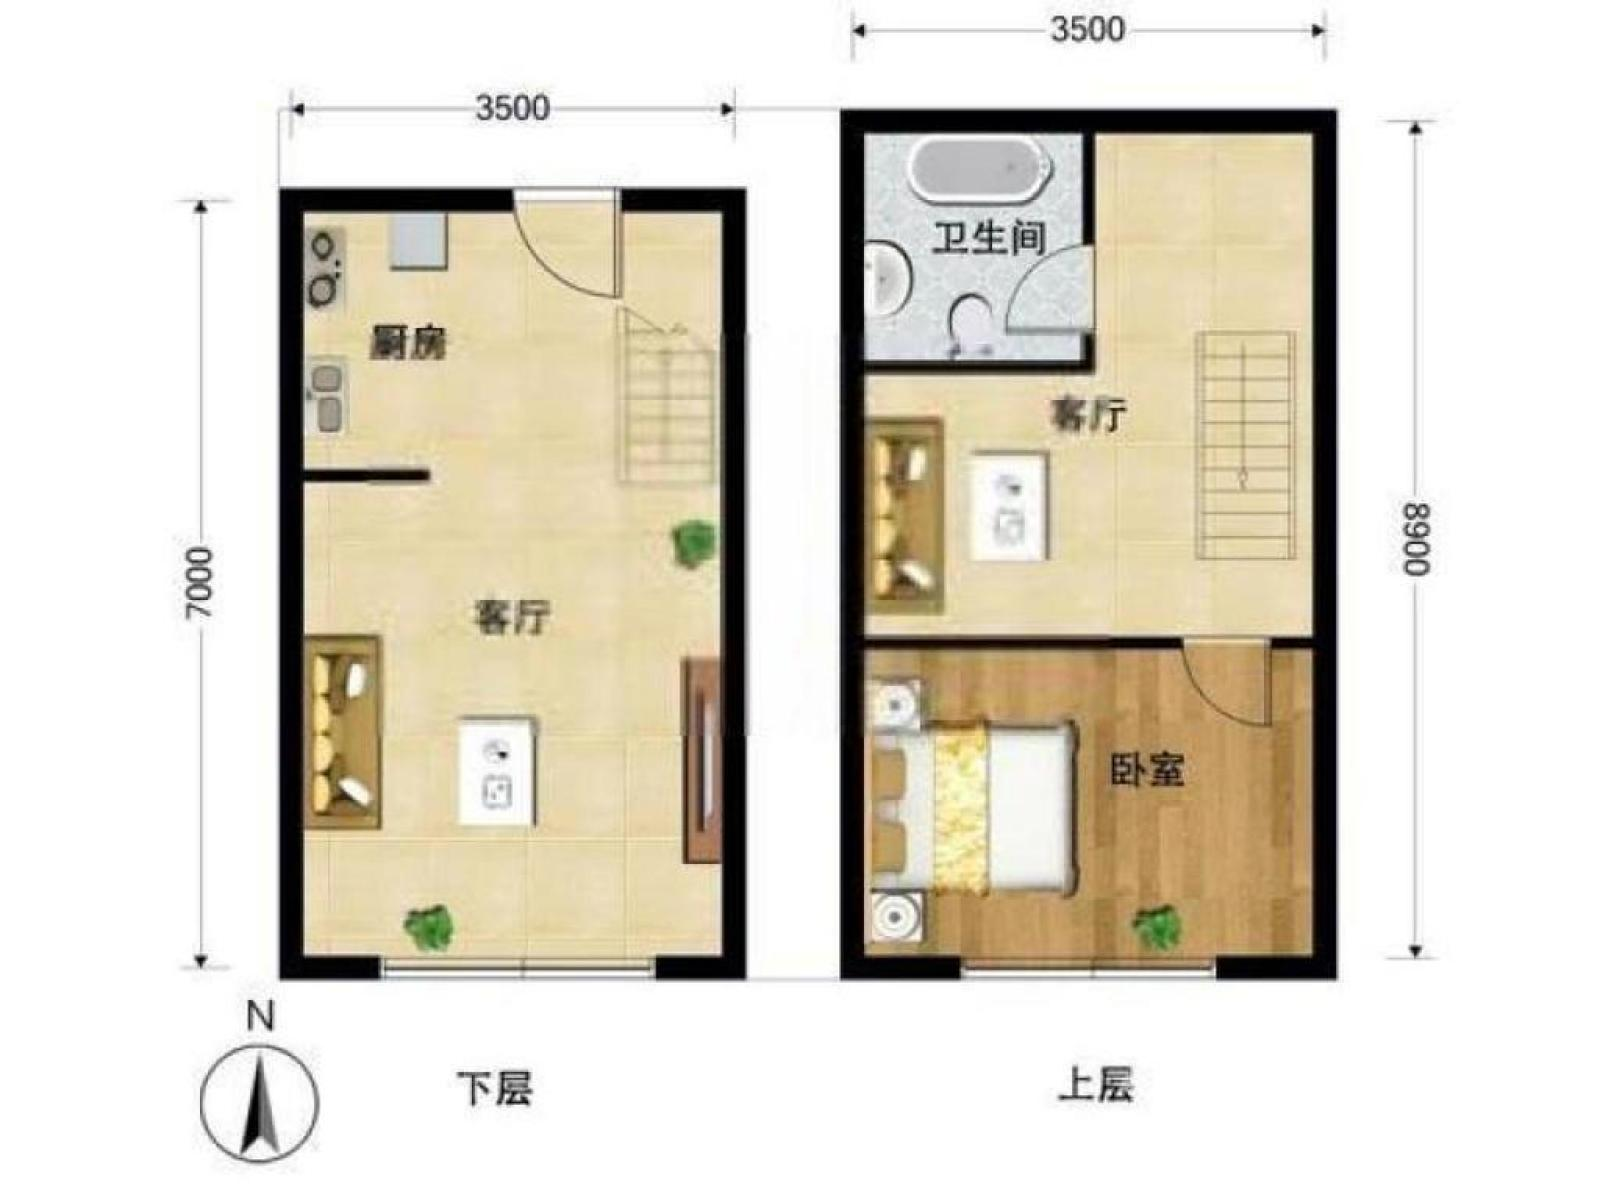 秦淮区瑞金路瑞鑫兰庭2室1厅户型图